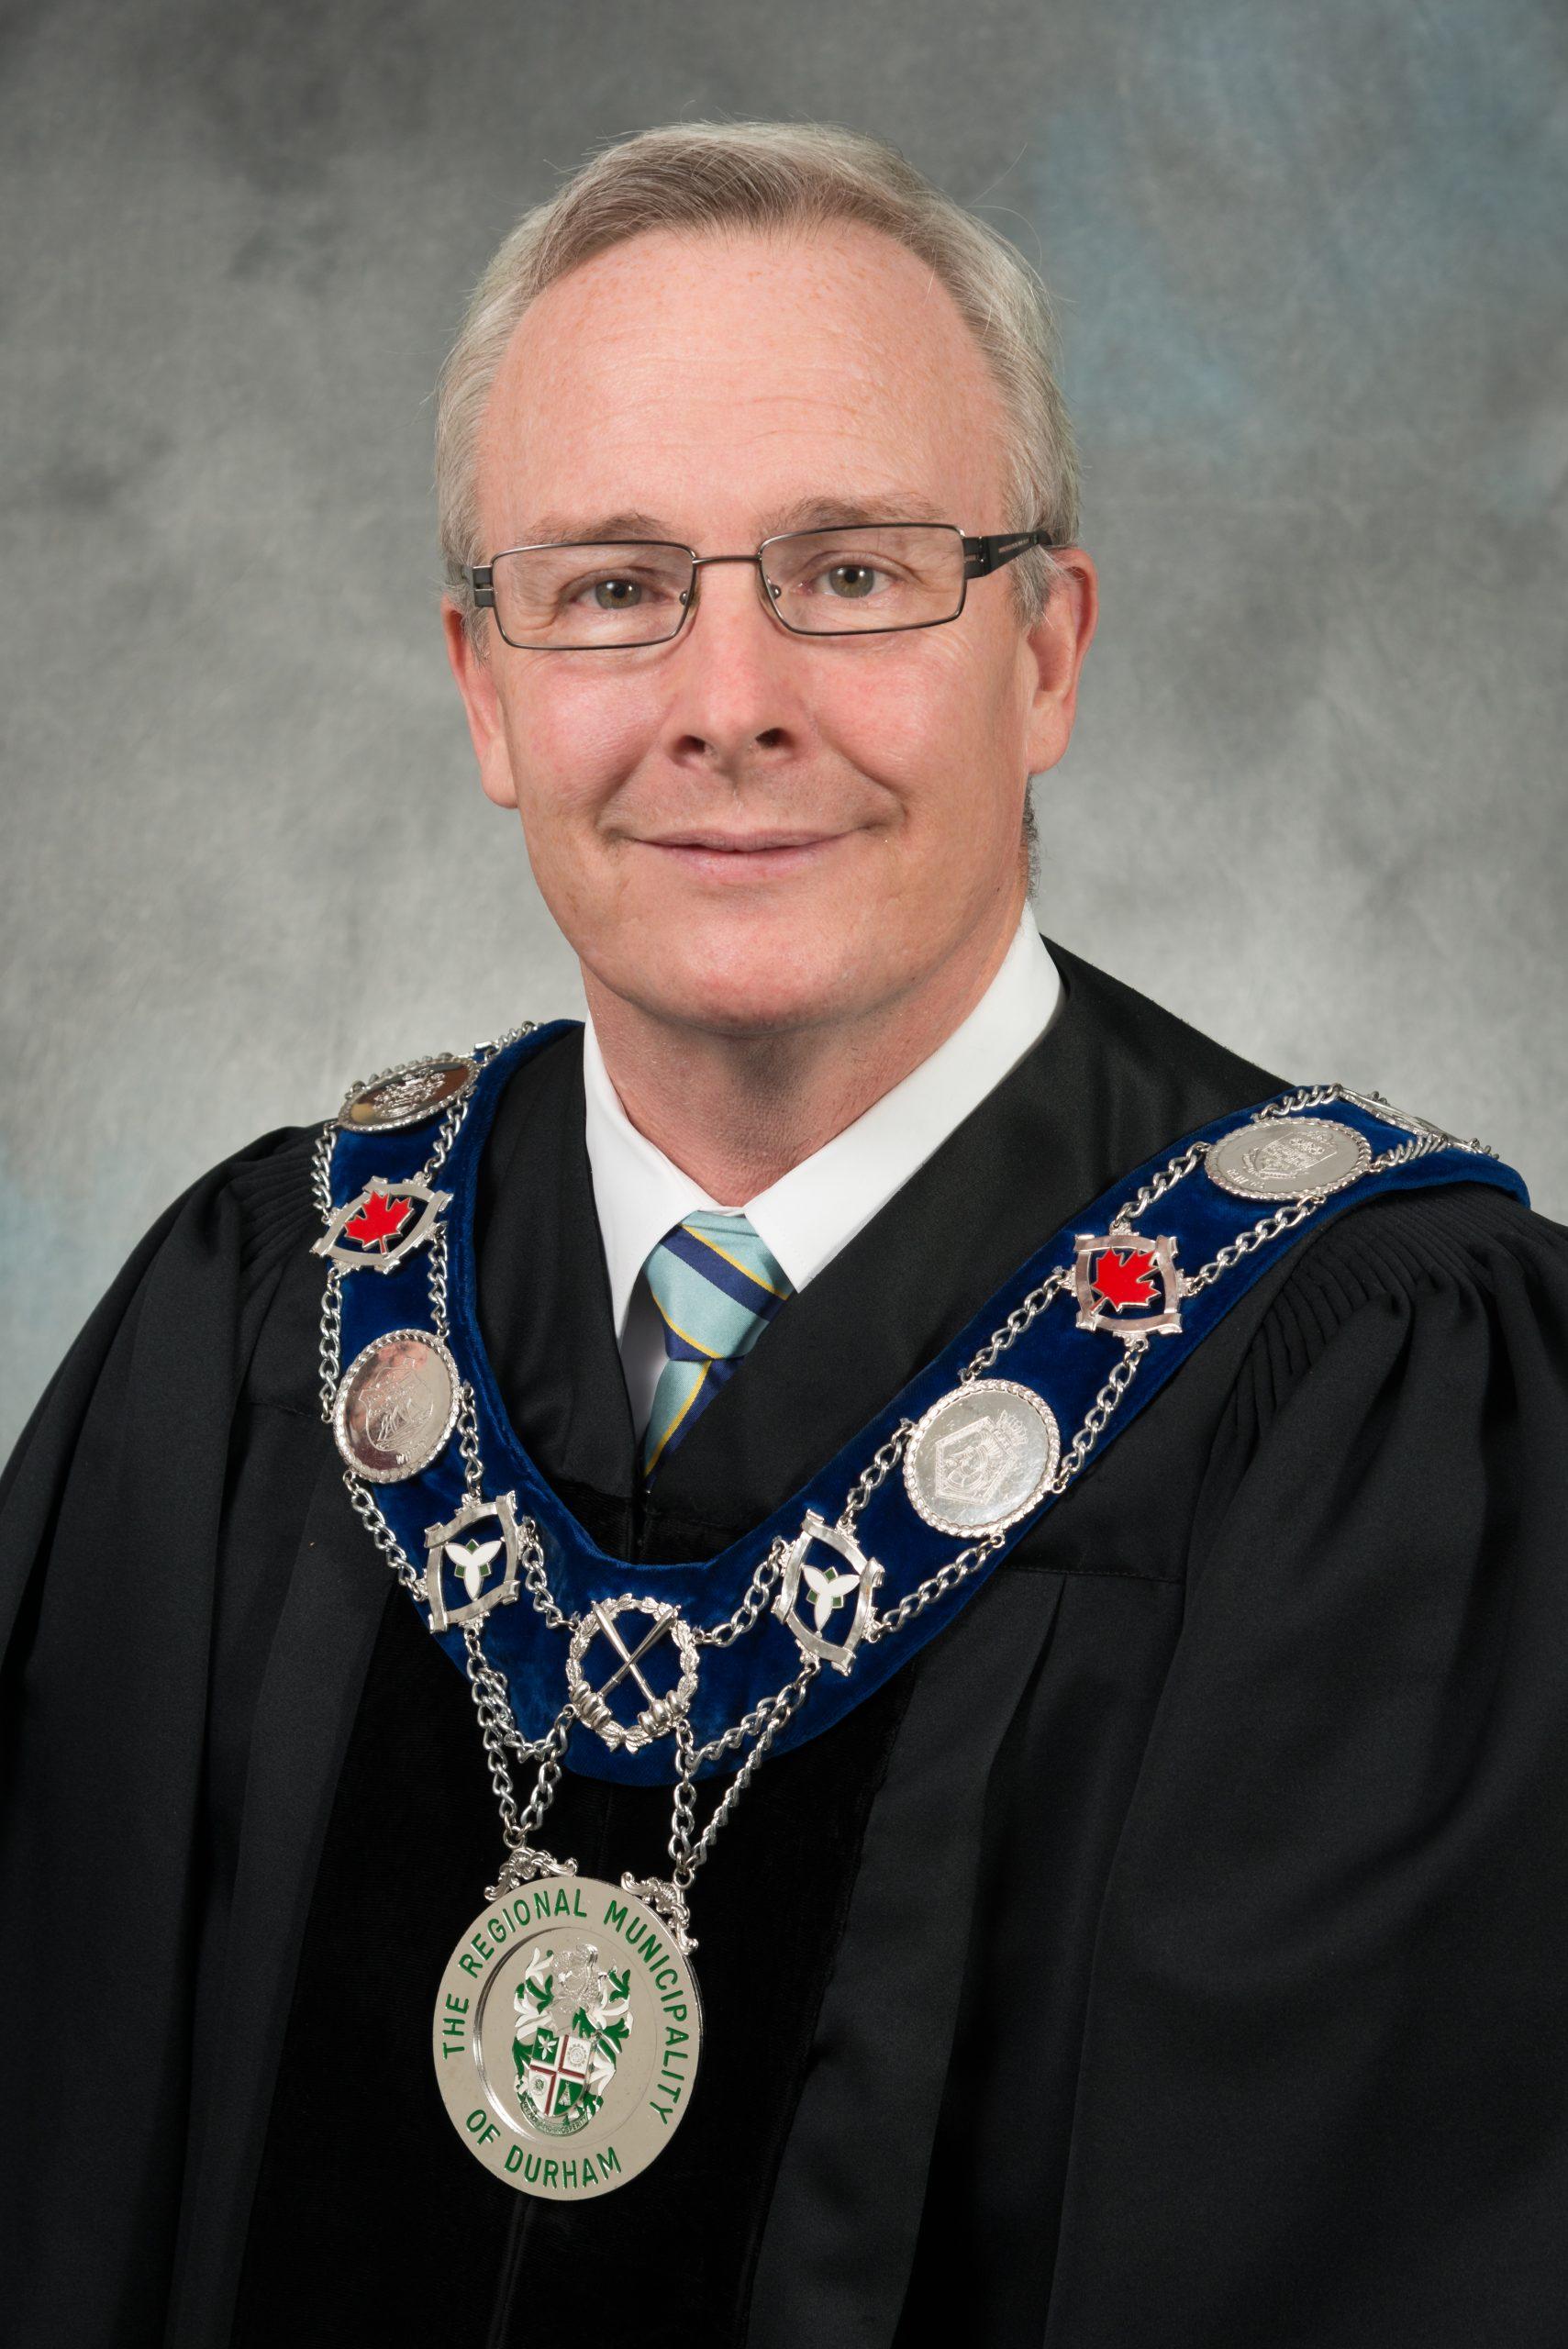 Regional Chair John Henry